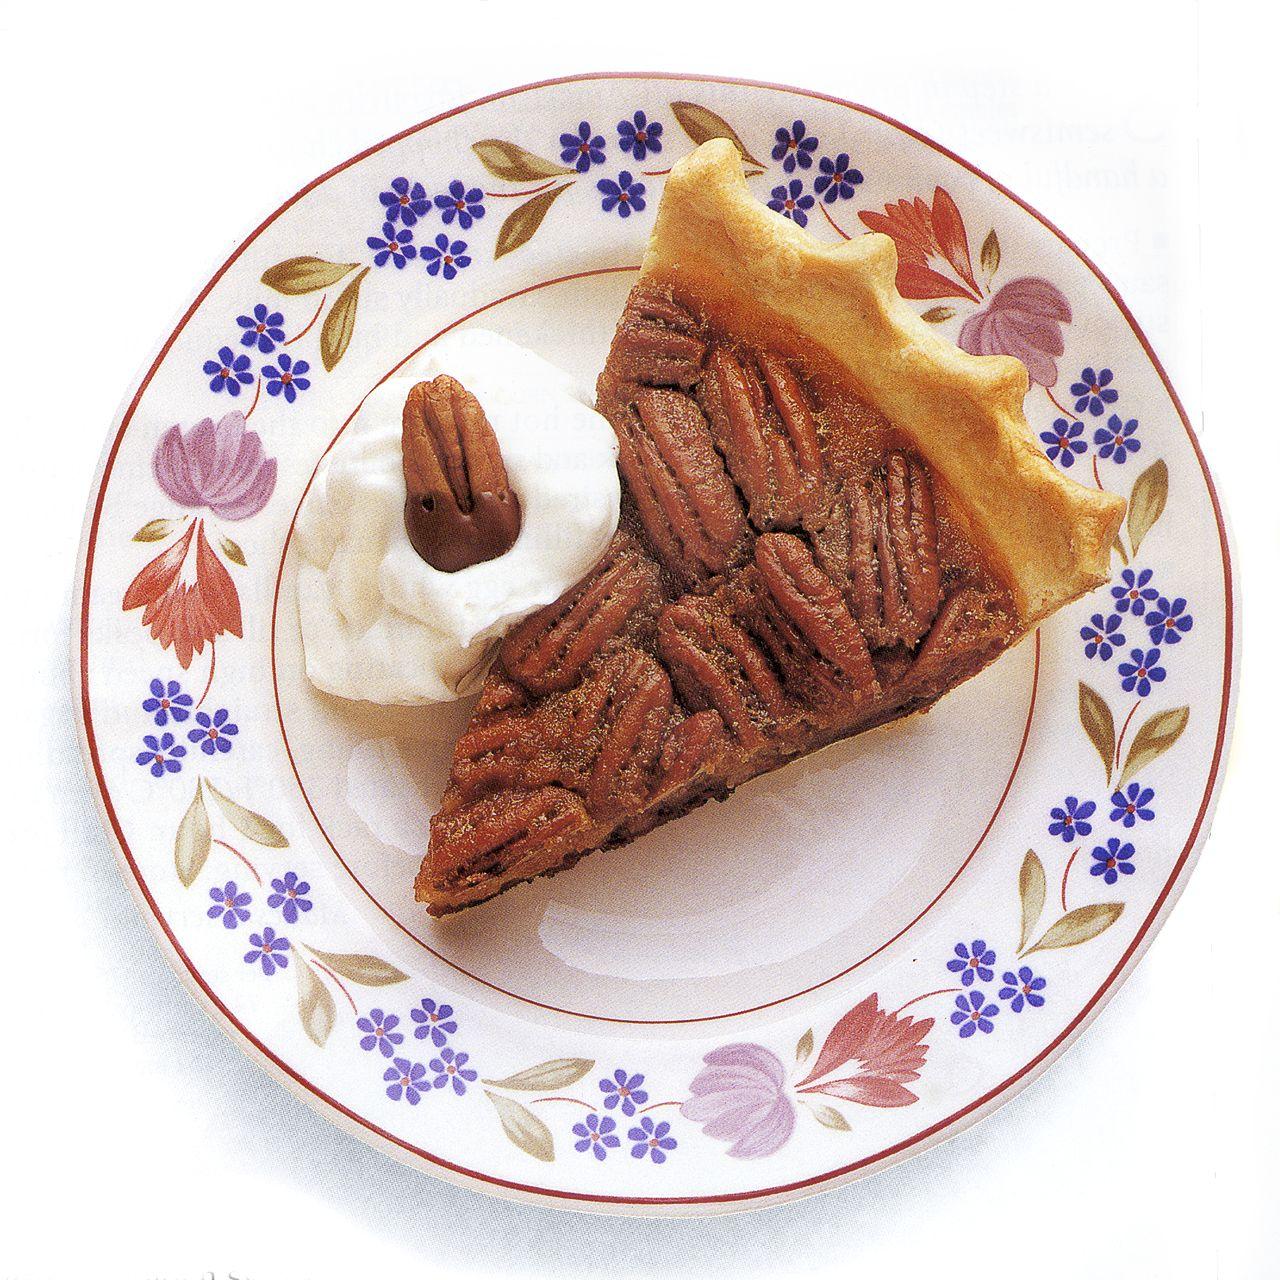 Pecan-Chocolate Chip Pie